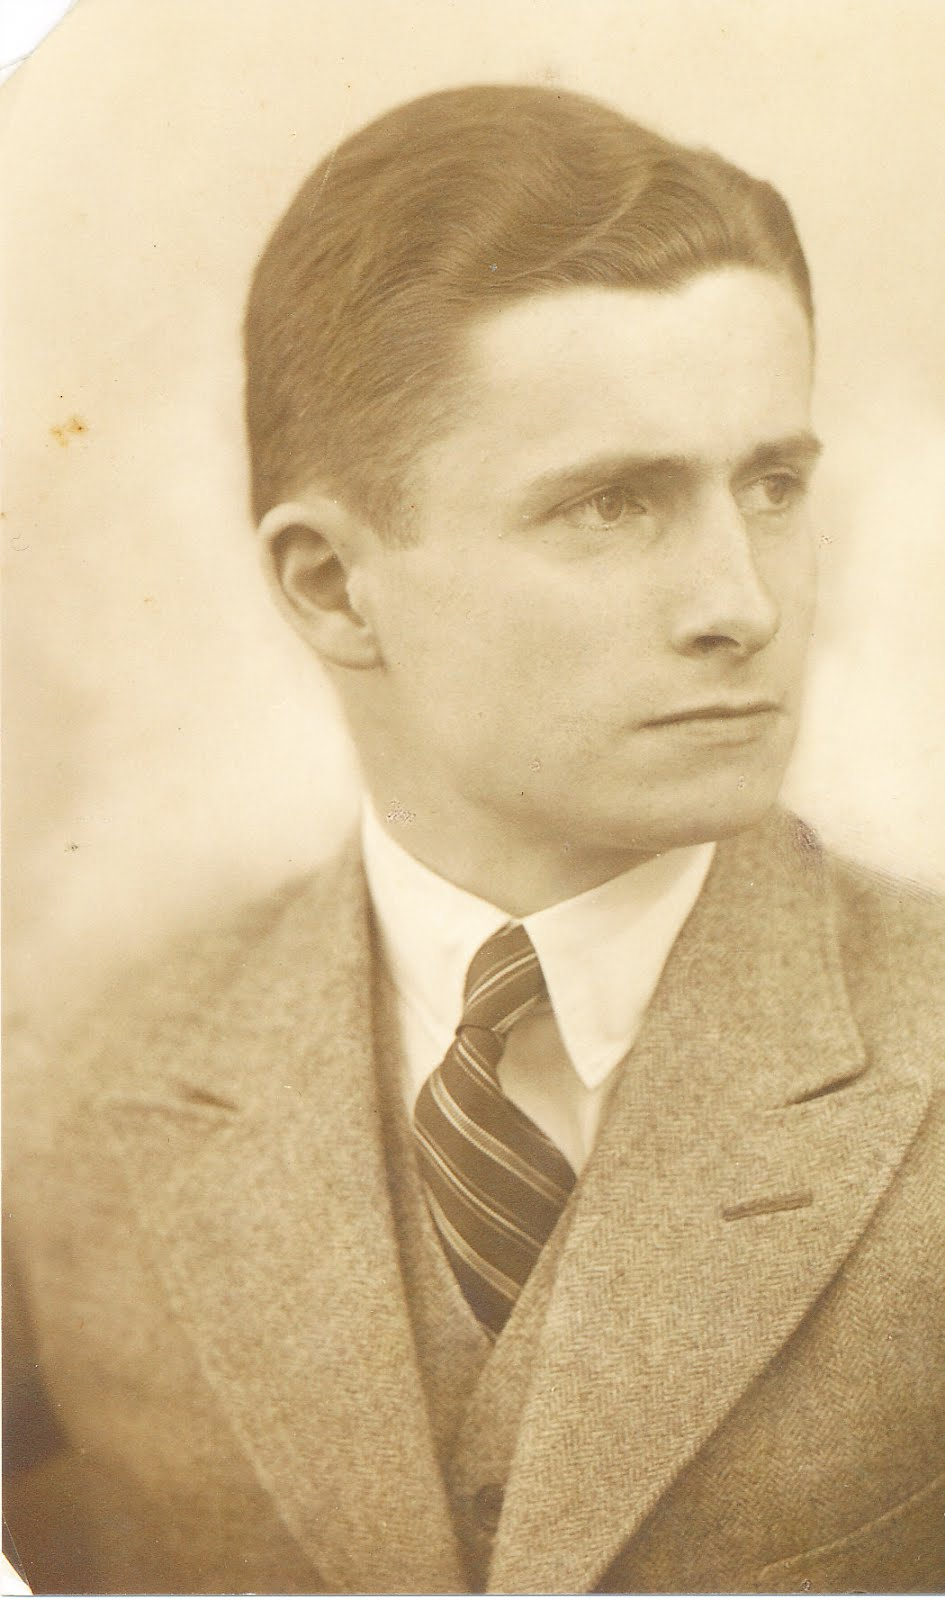 Zum Gedenken an Hans - Jürgen Graf von Blumenthal